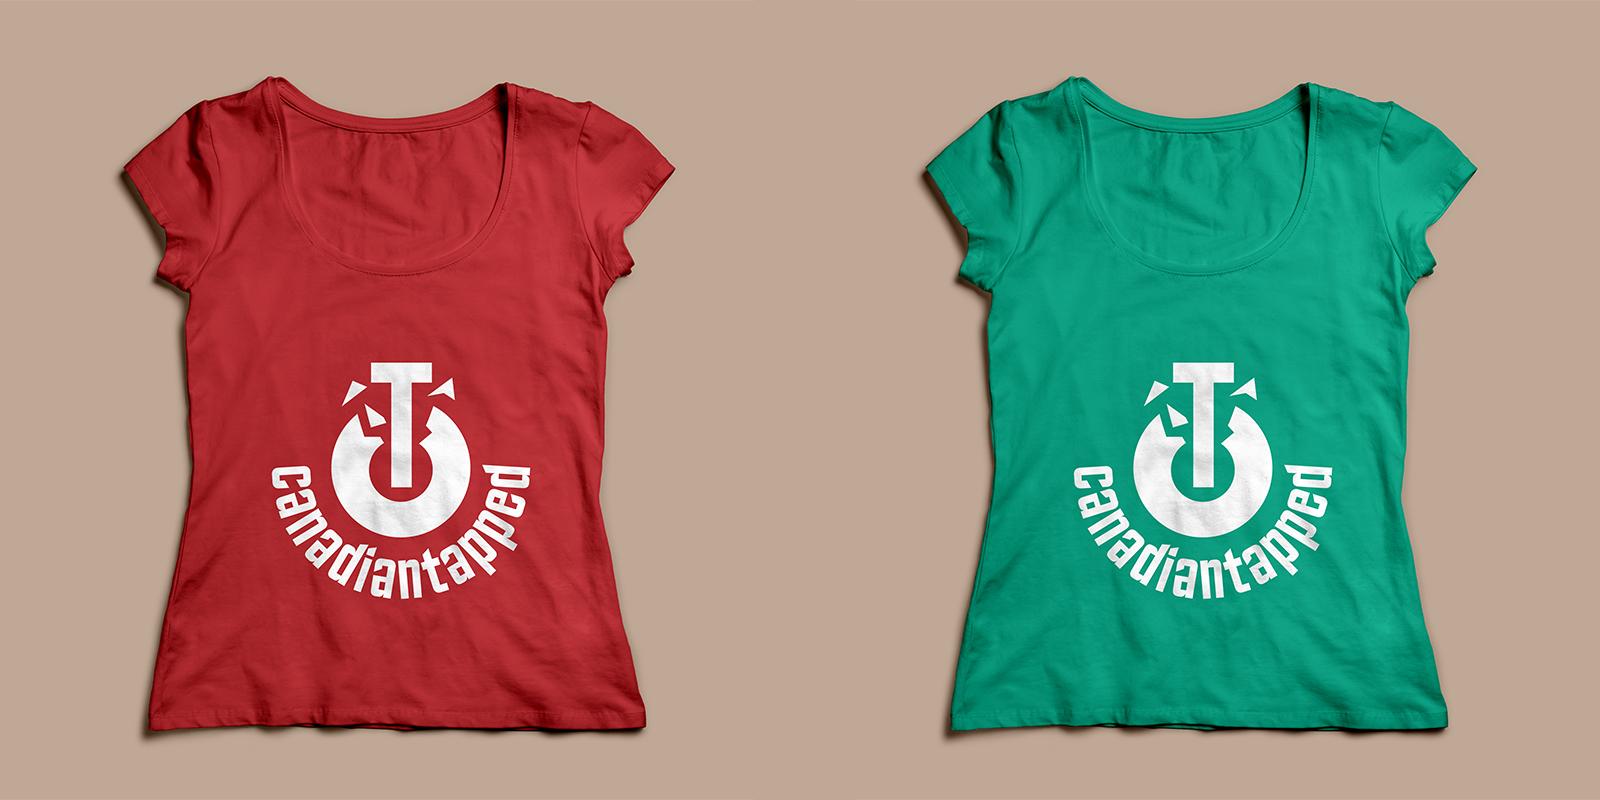 CT-tshirts